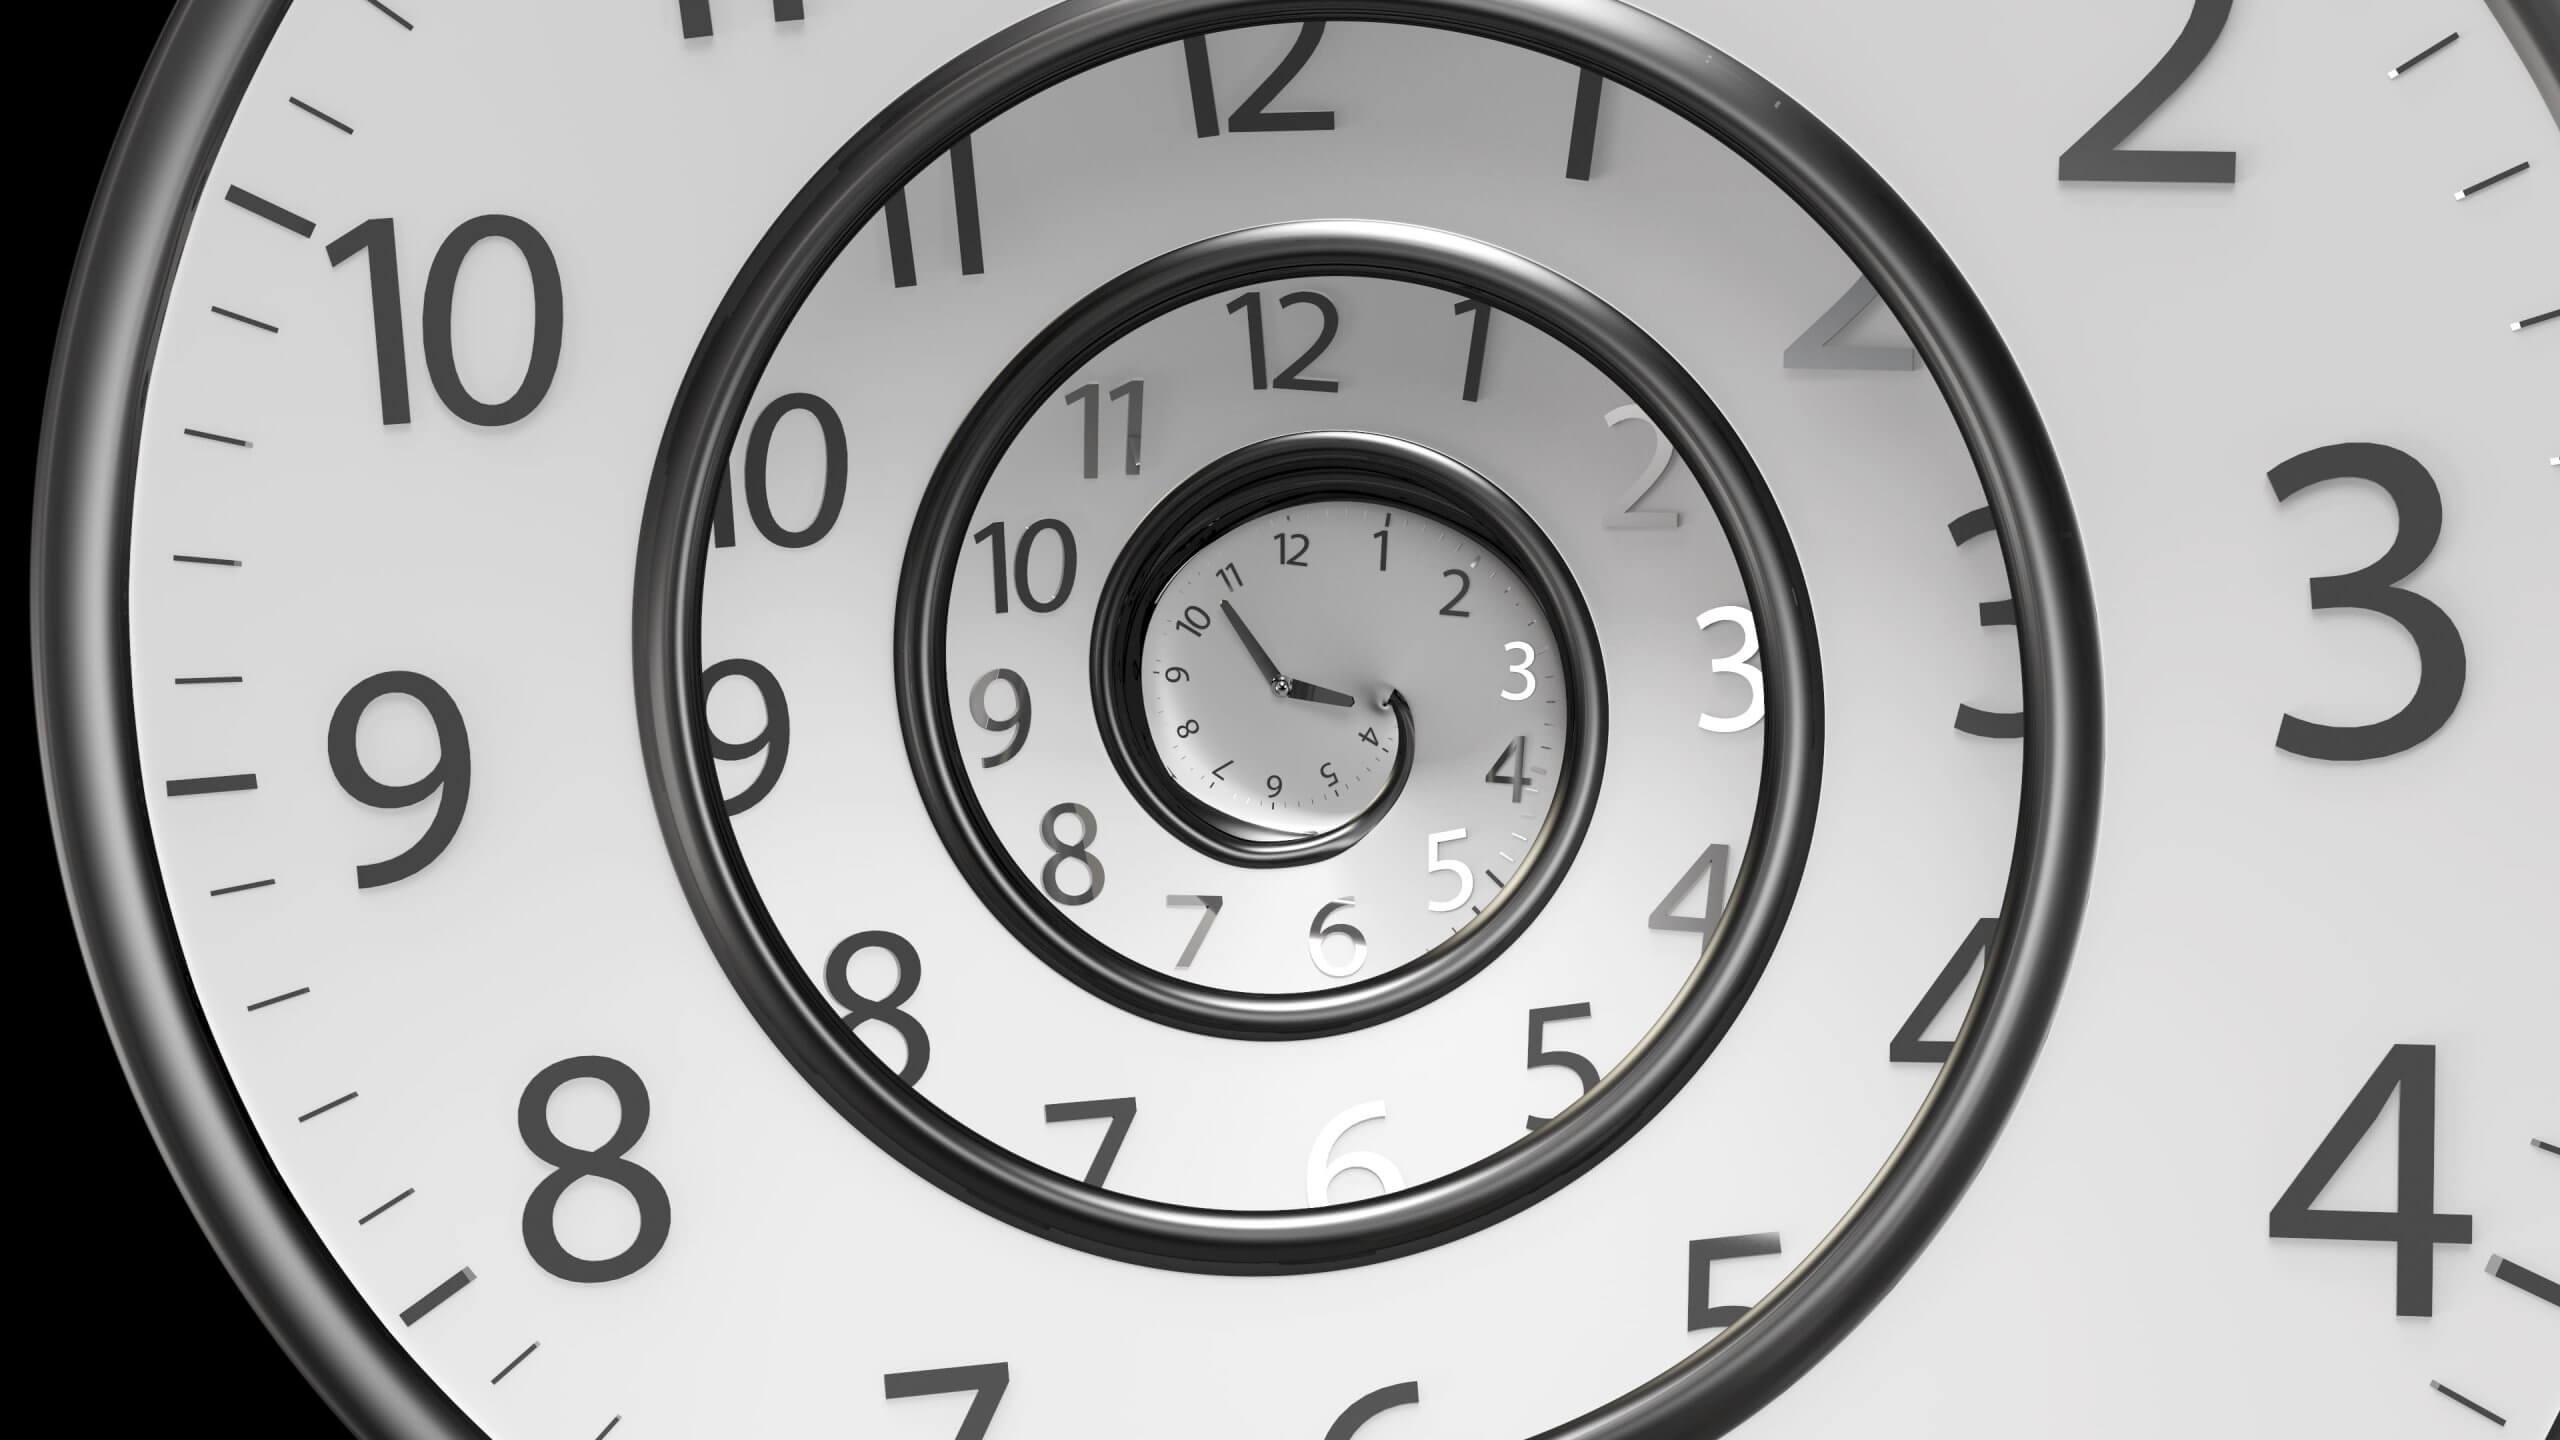 夢占い|タイムスリップの夢の意味は?どんな暗示?あなたの深層心理を解説